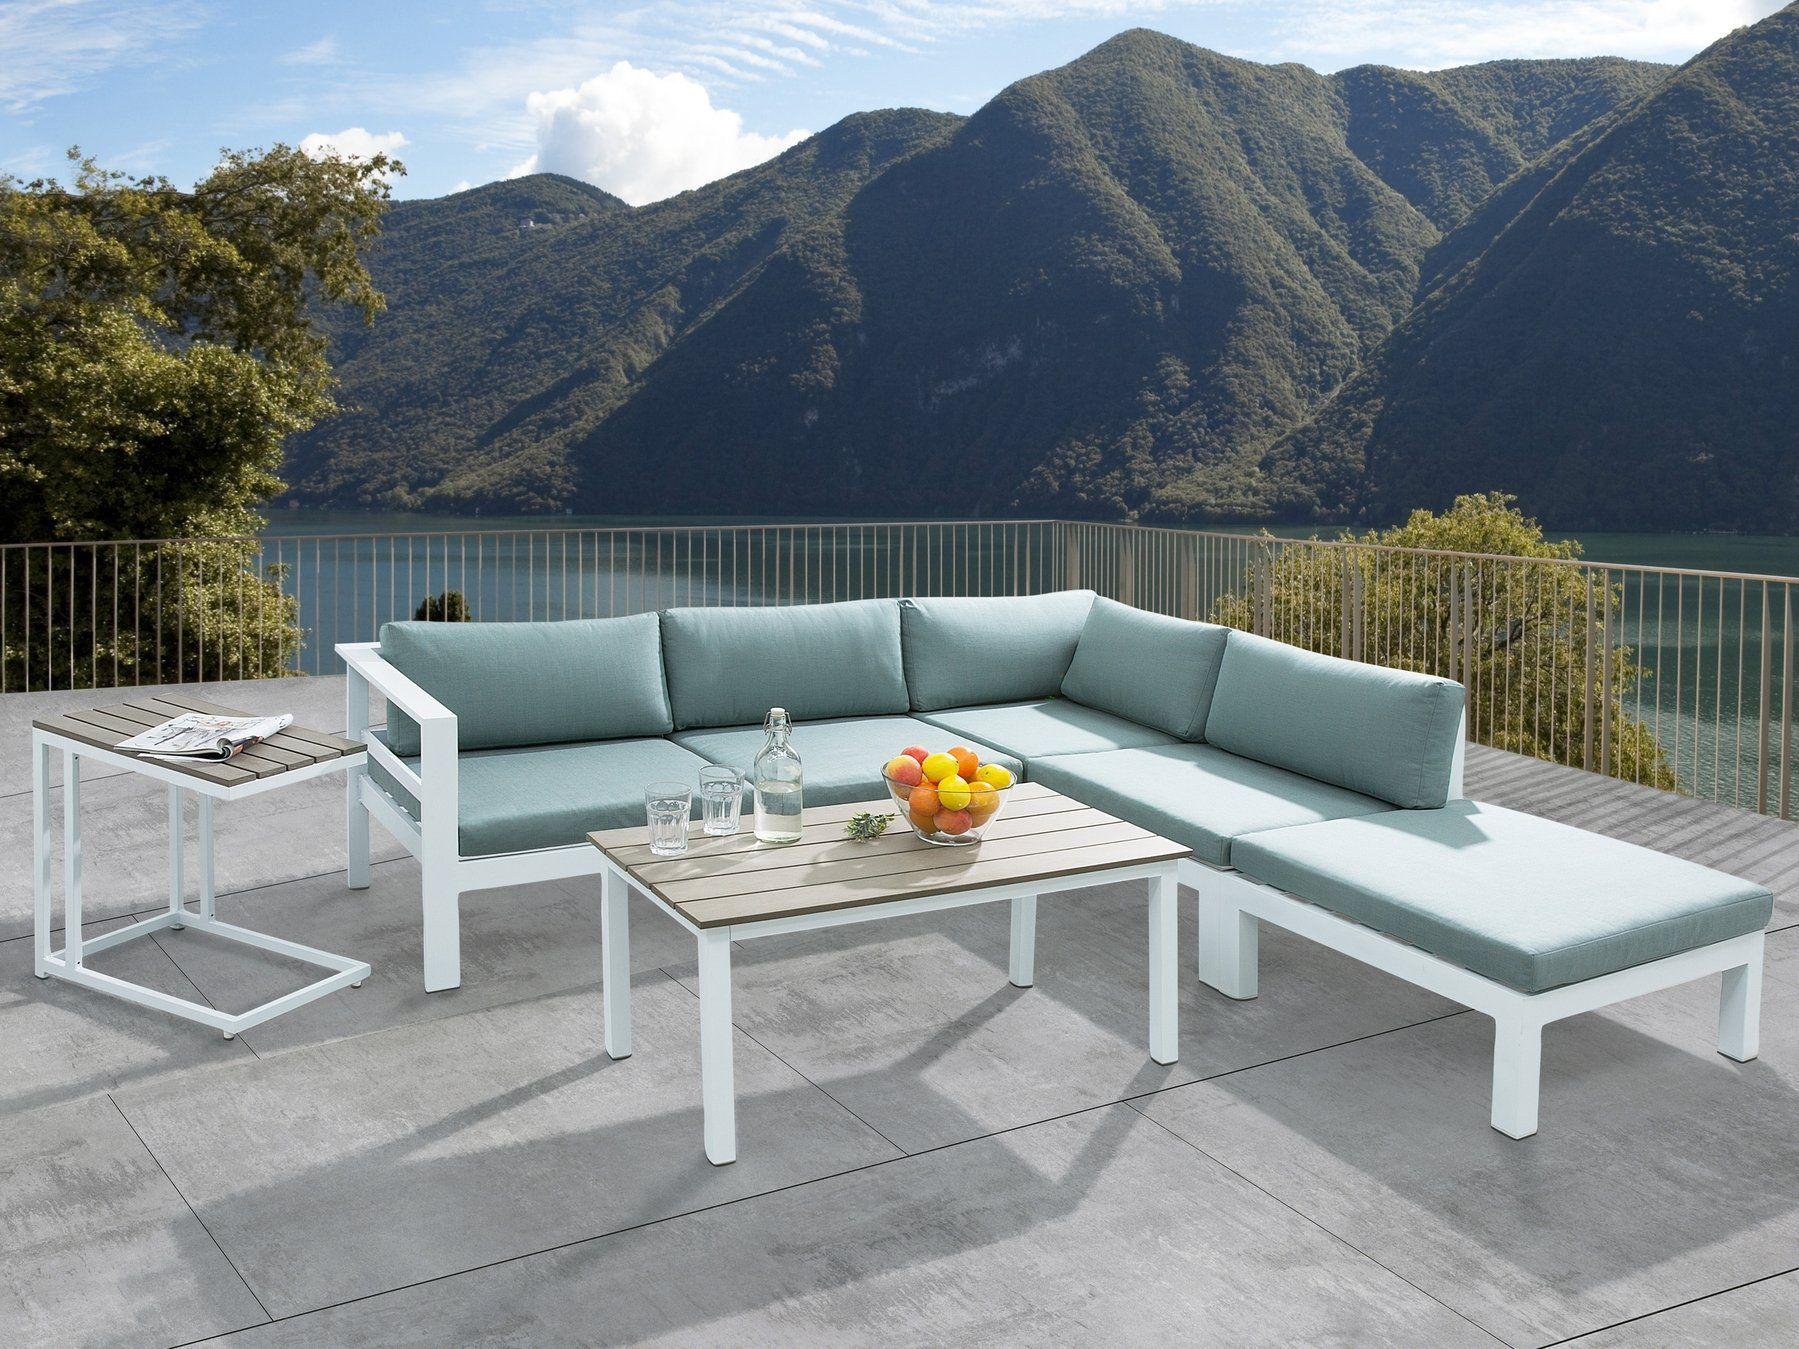 Zestaw Ogrodowy 5 Osobowy Bialo Zielony Messina Outdoor Sofa Sets Conversation Set Patio Corner Sofa Set